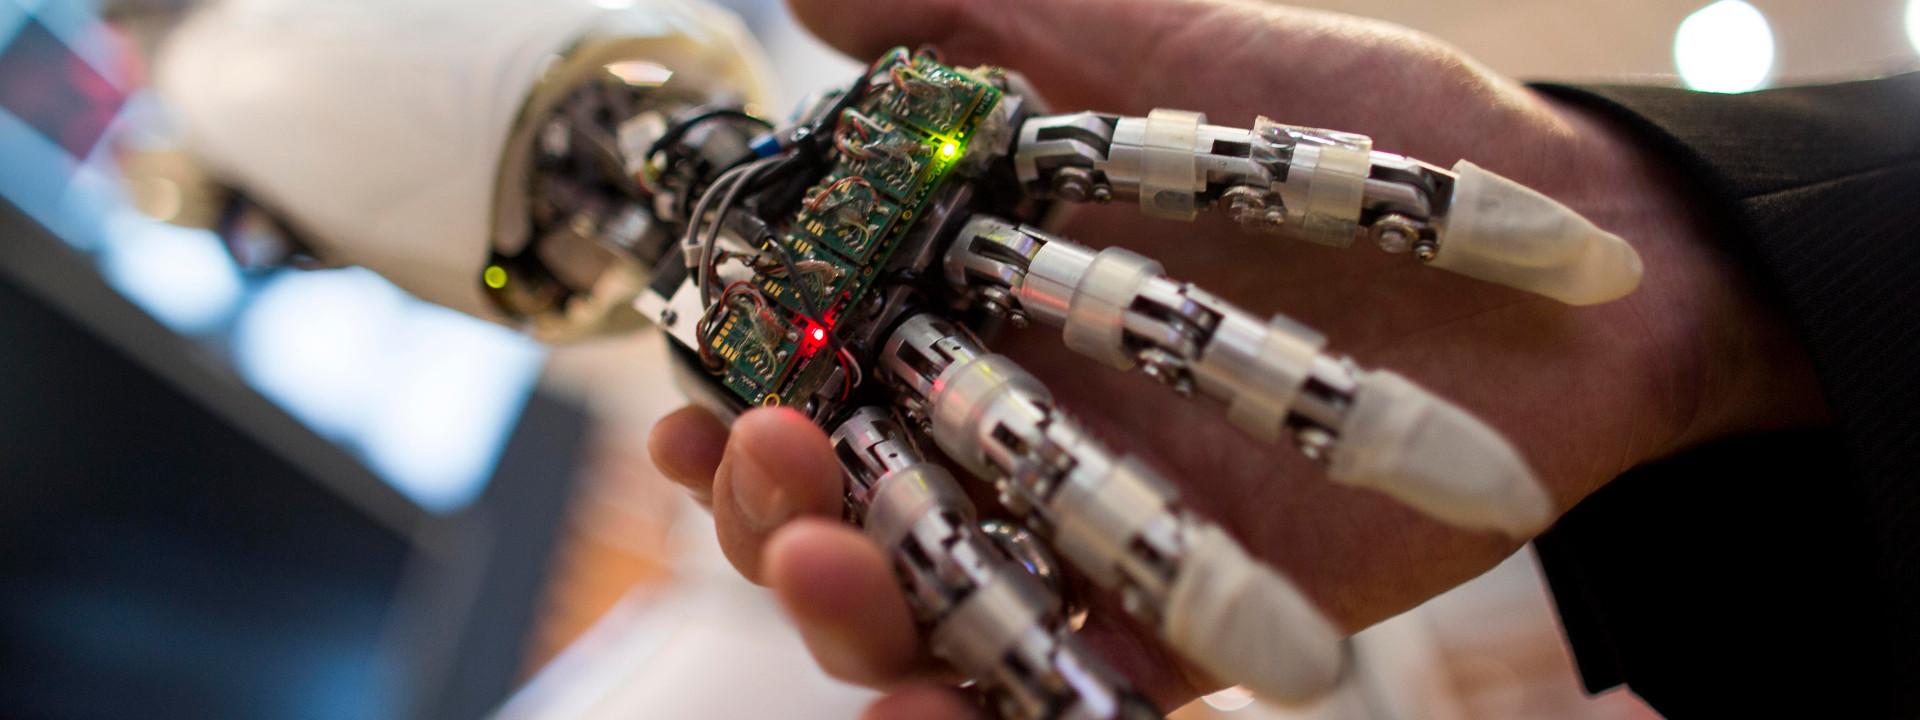 人工智能 Artificial Intelligence